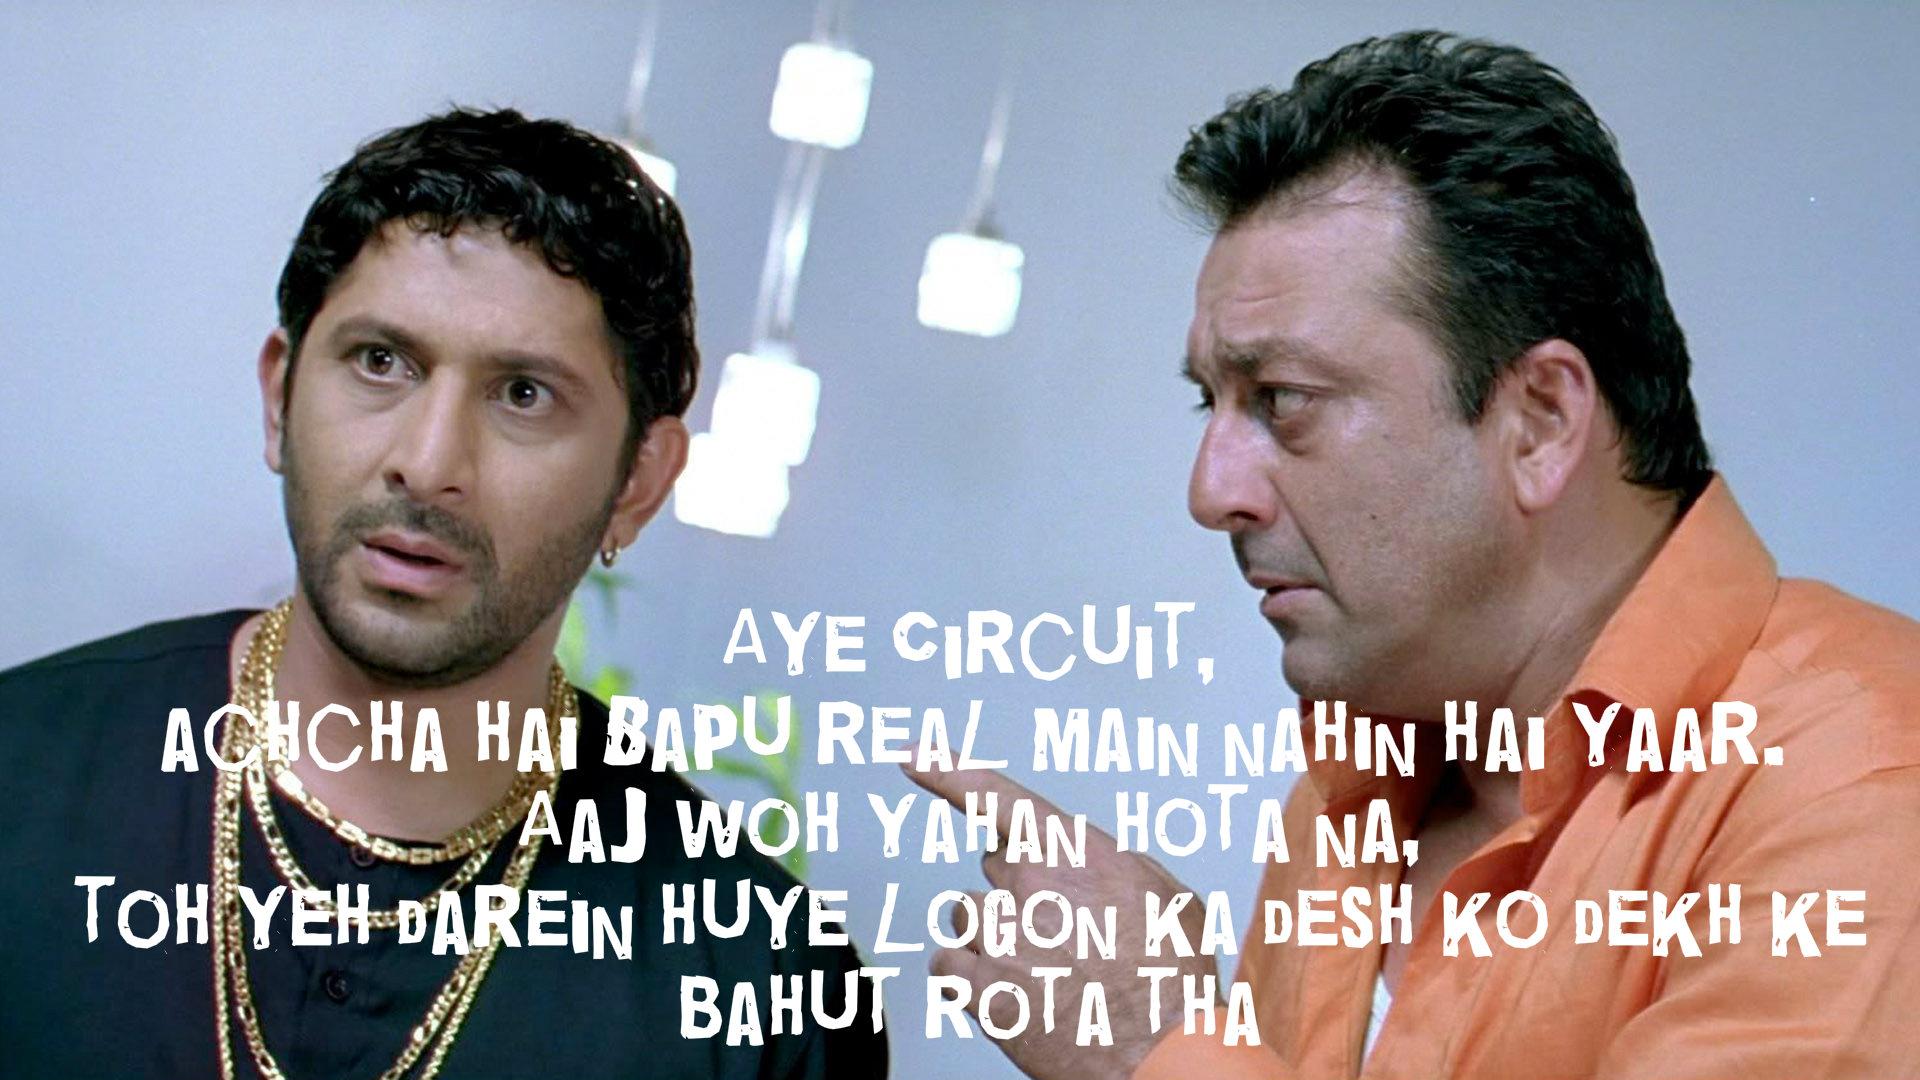 Lage Raho Munna Bhai